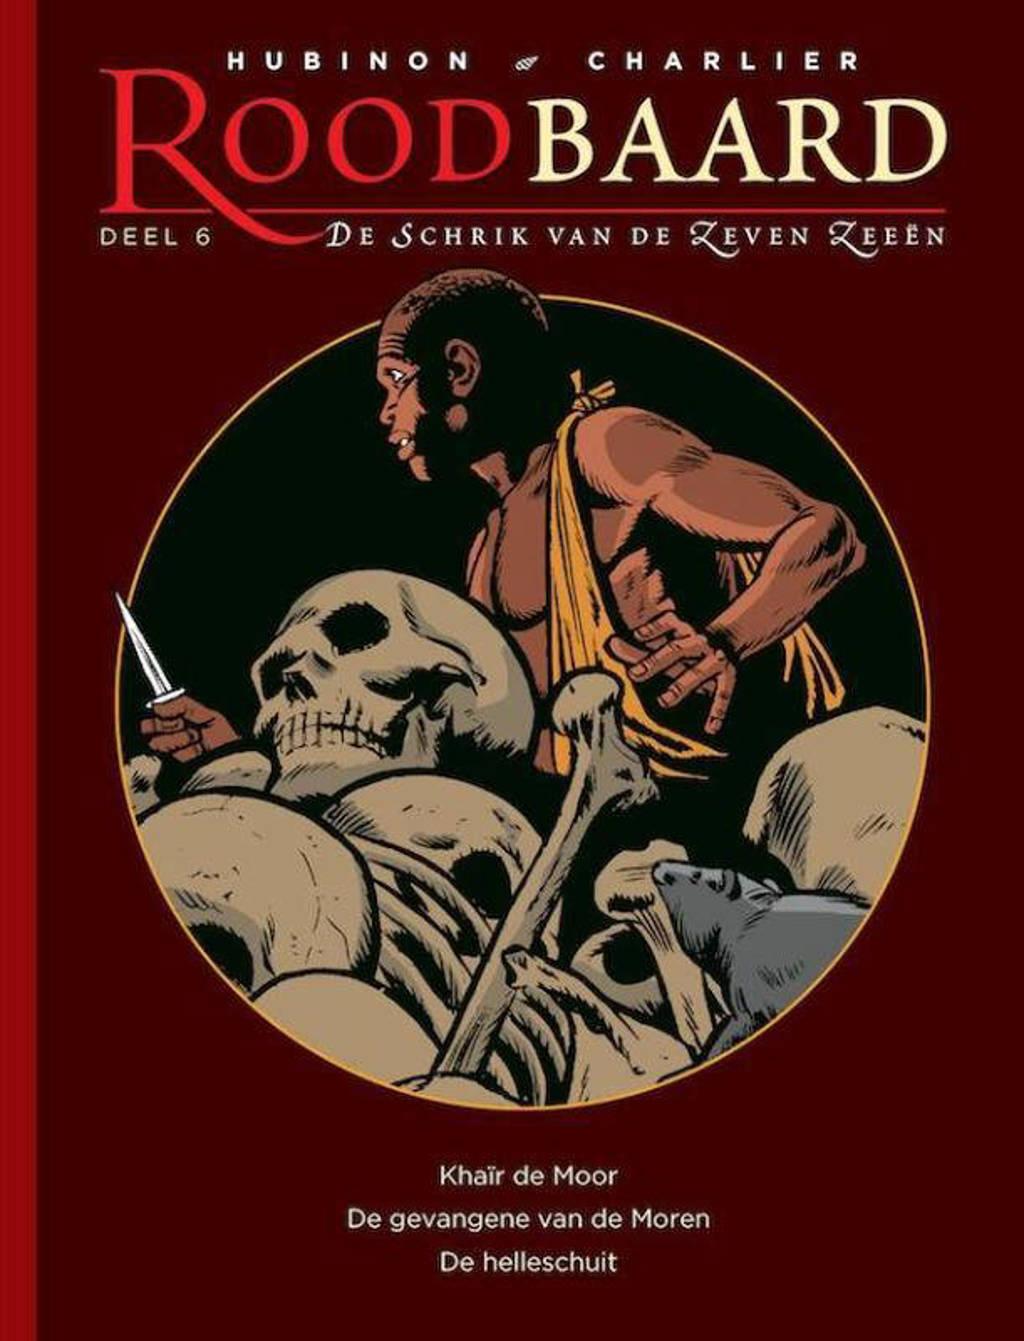 Roodbaard, de schrik van de zeven zeeën: Khaïr de Moor ; De gevangene van de Moren ; De helleschuit ; De cobra - Victor Hubinon en Jean-Michel Charlier